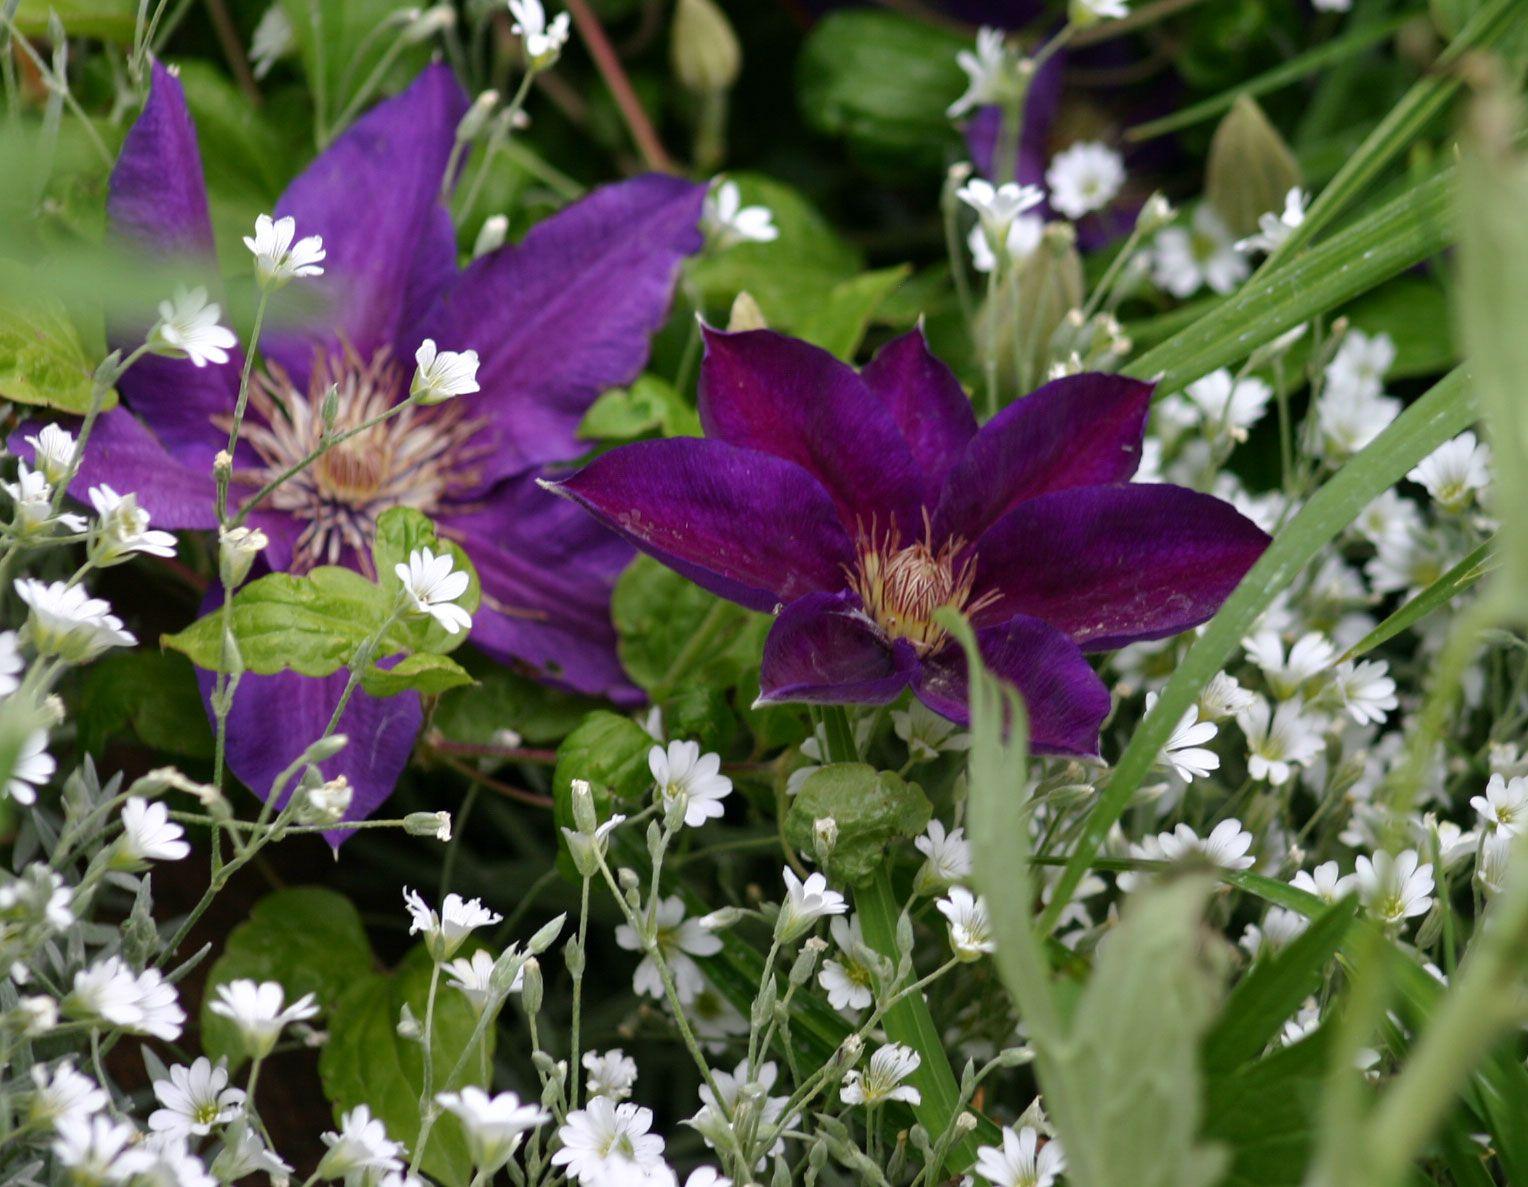 Snowinsummer cerastium tomentosum and purple clematis